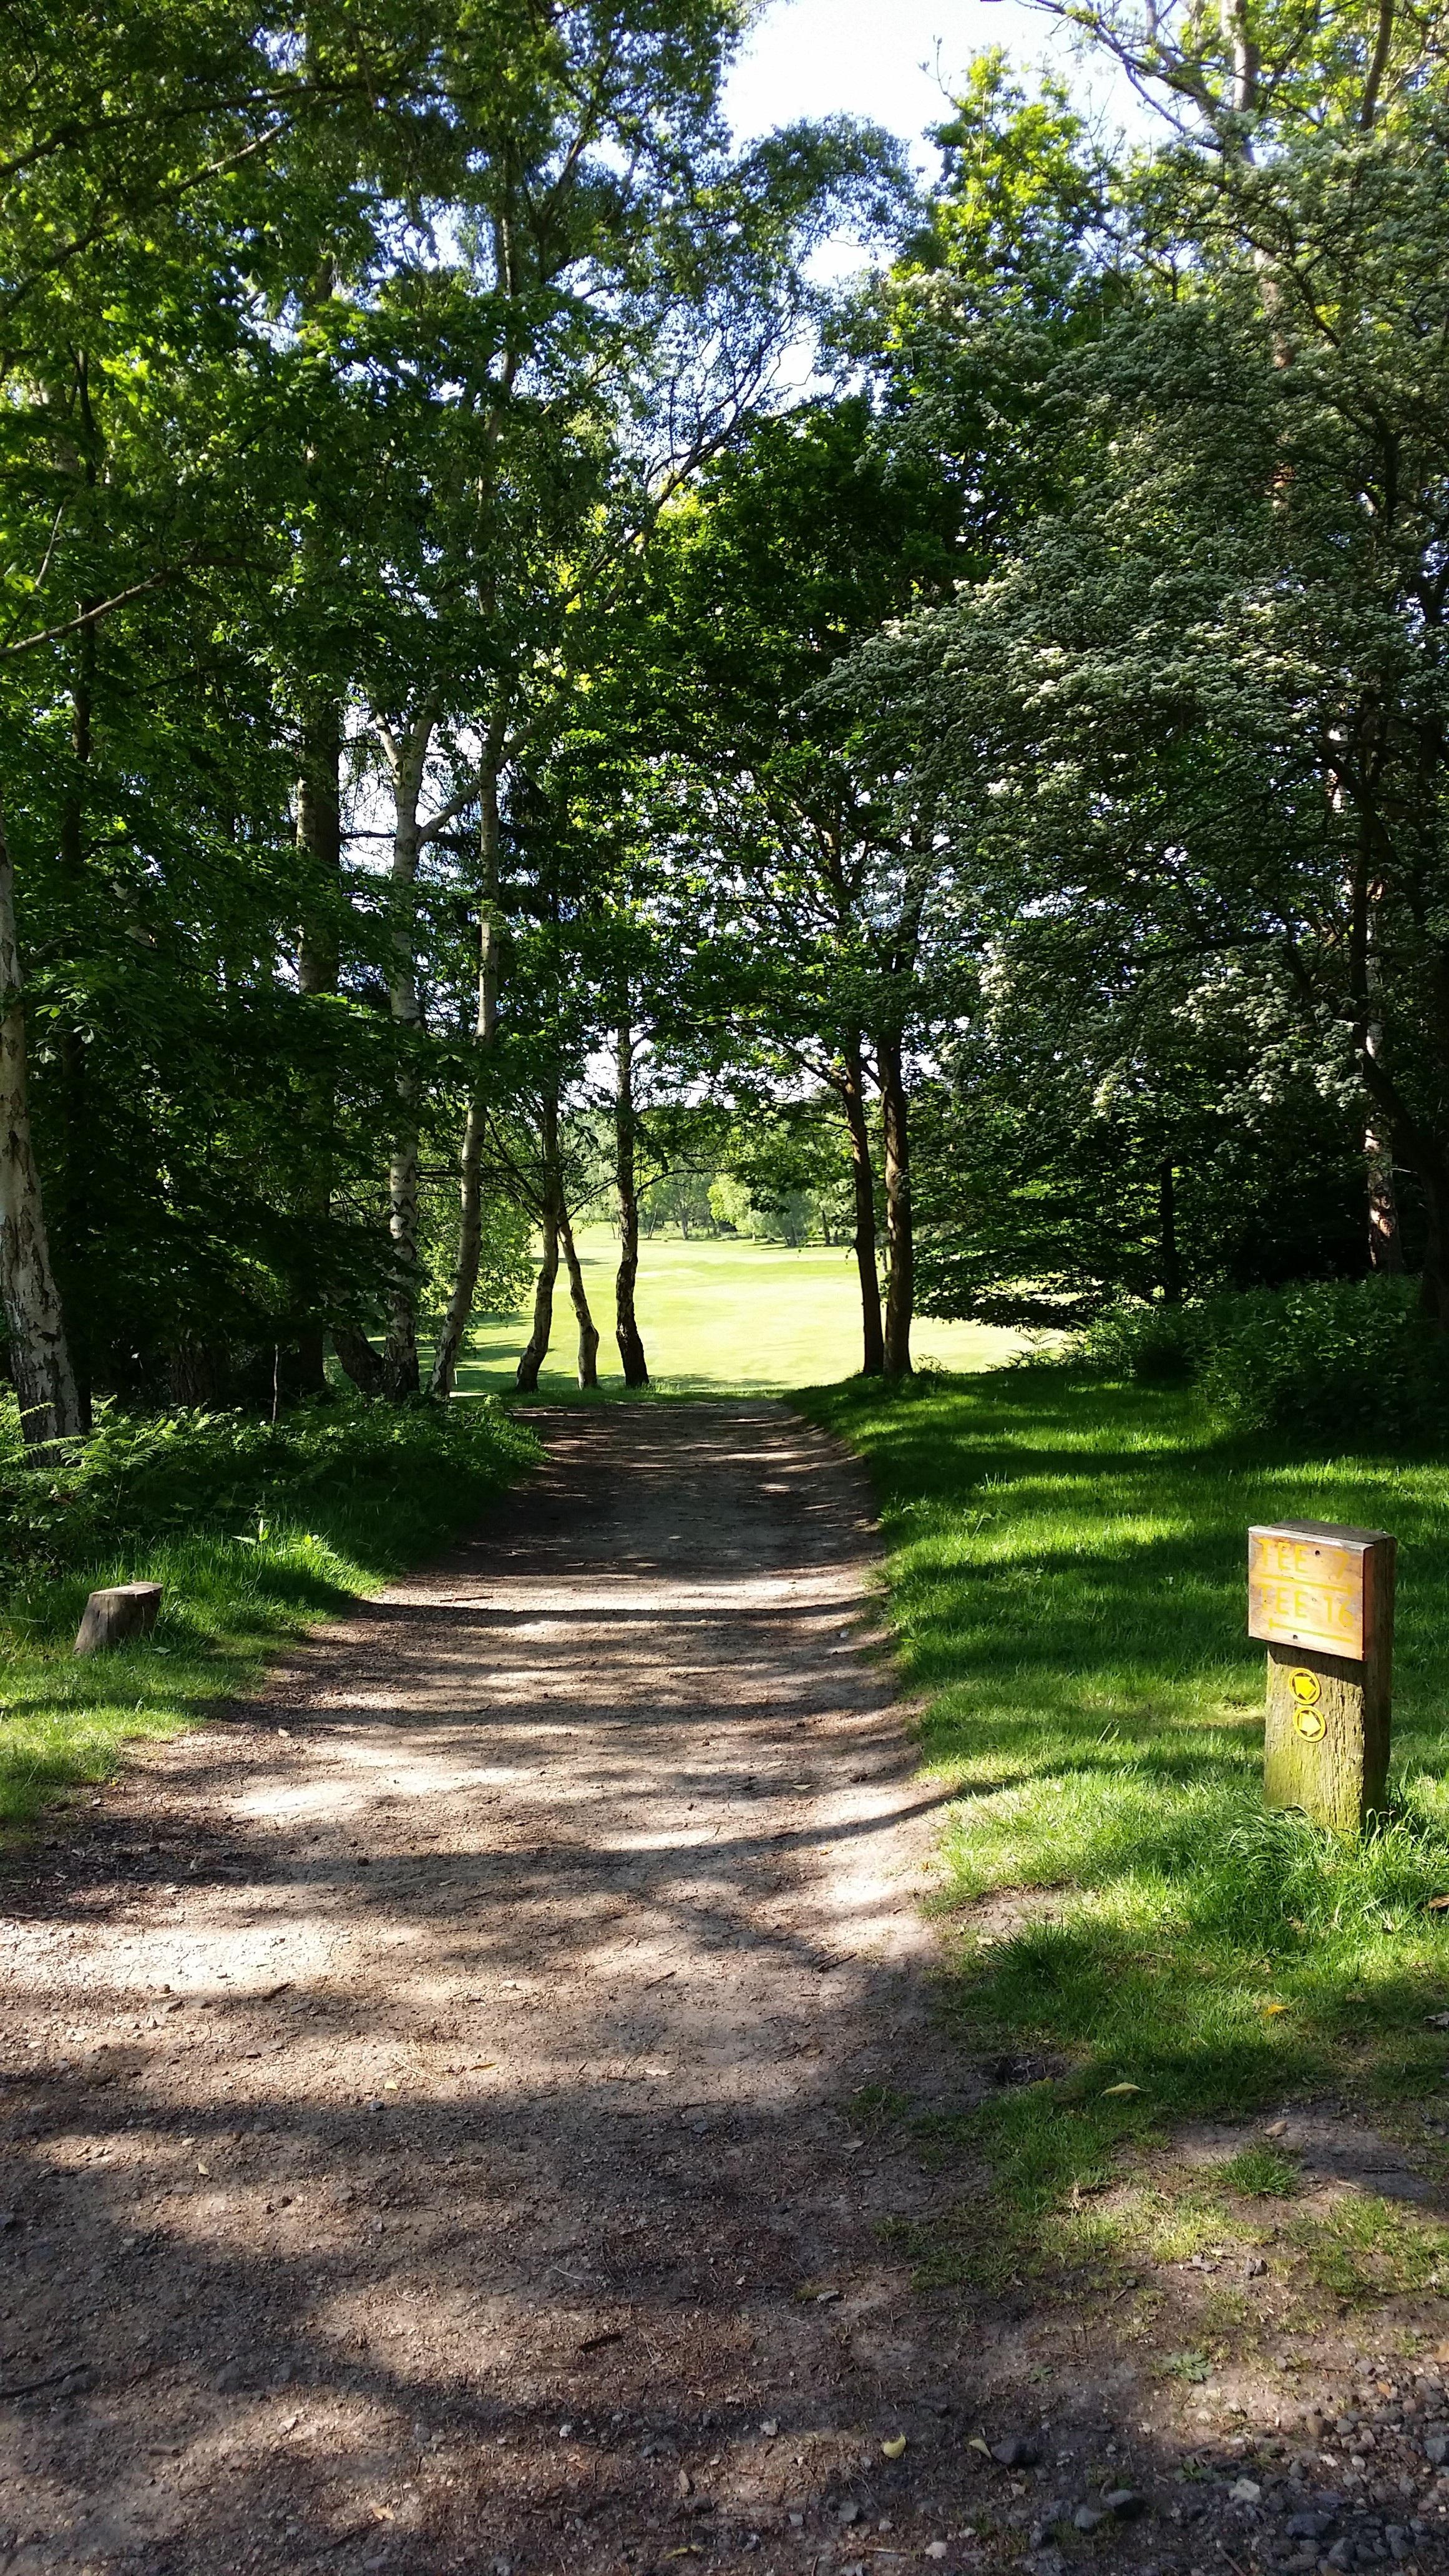 kostenlose foto landschaft baum wald gras draussen weg rasen wiese blatt aussicht sommer grn szenisch flagge herbst park hinterhof - Hinterhof Landschaften Bilder